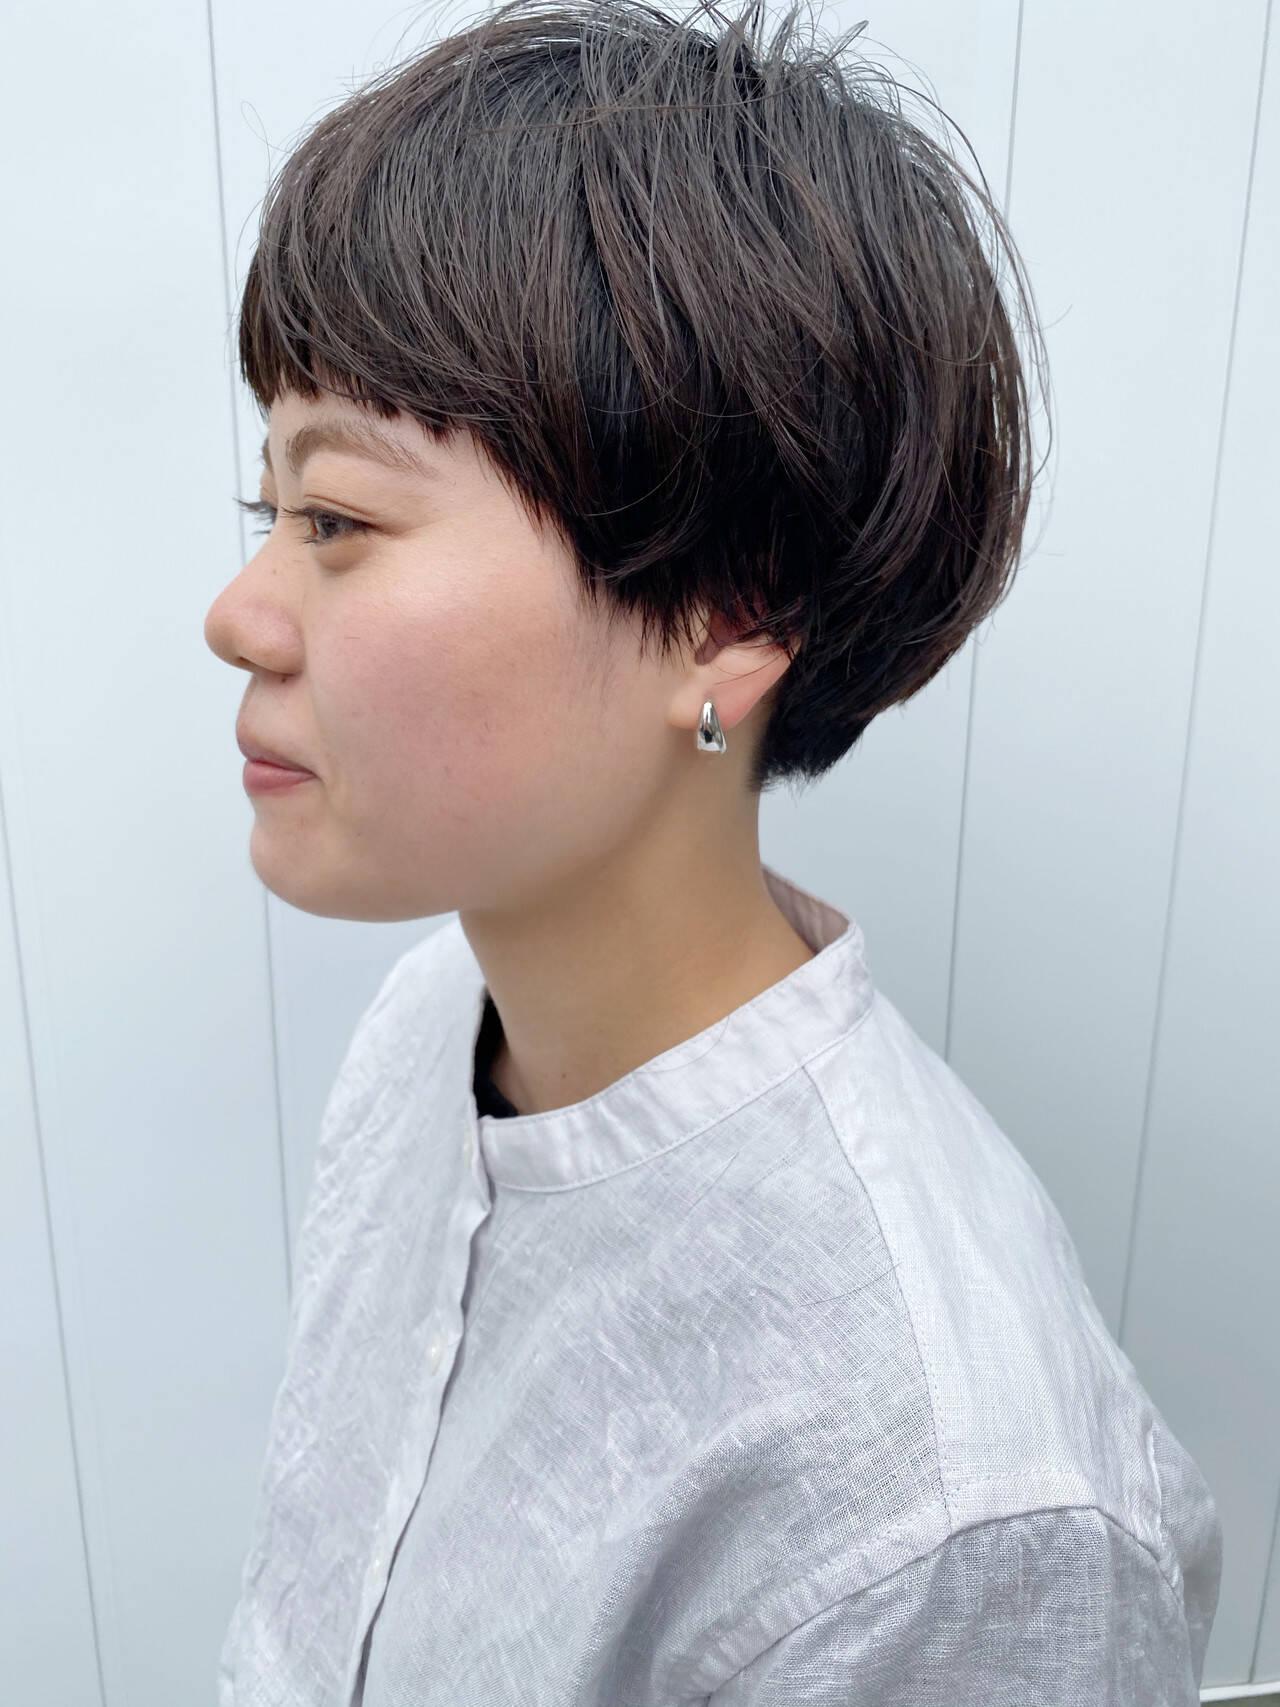 マッシュ ミニボブ ベリーショート マッシュショートヘアスタイルや髪型の写真・画像